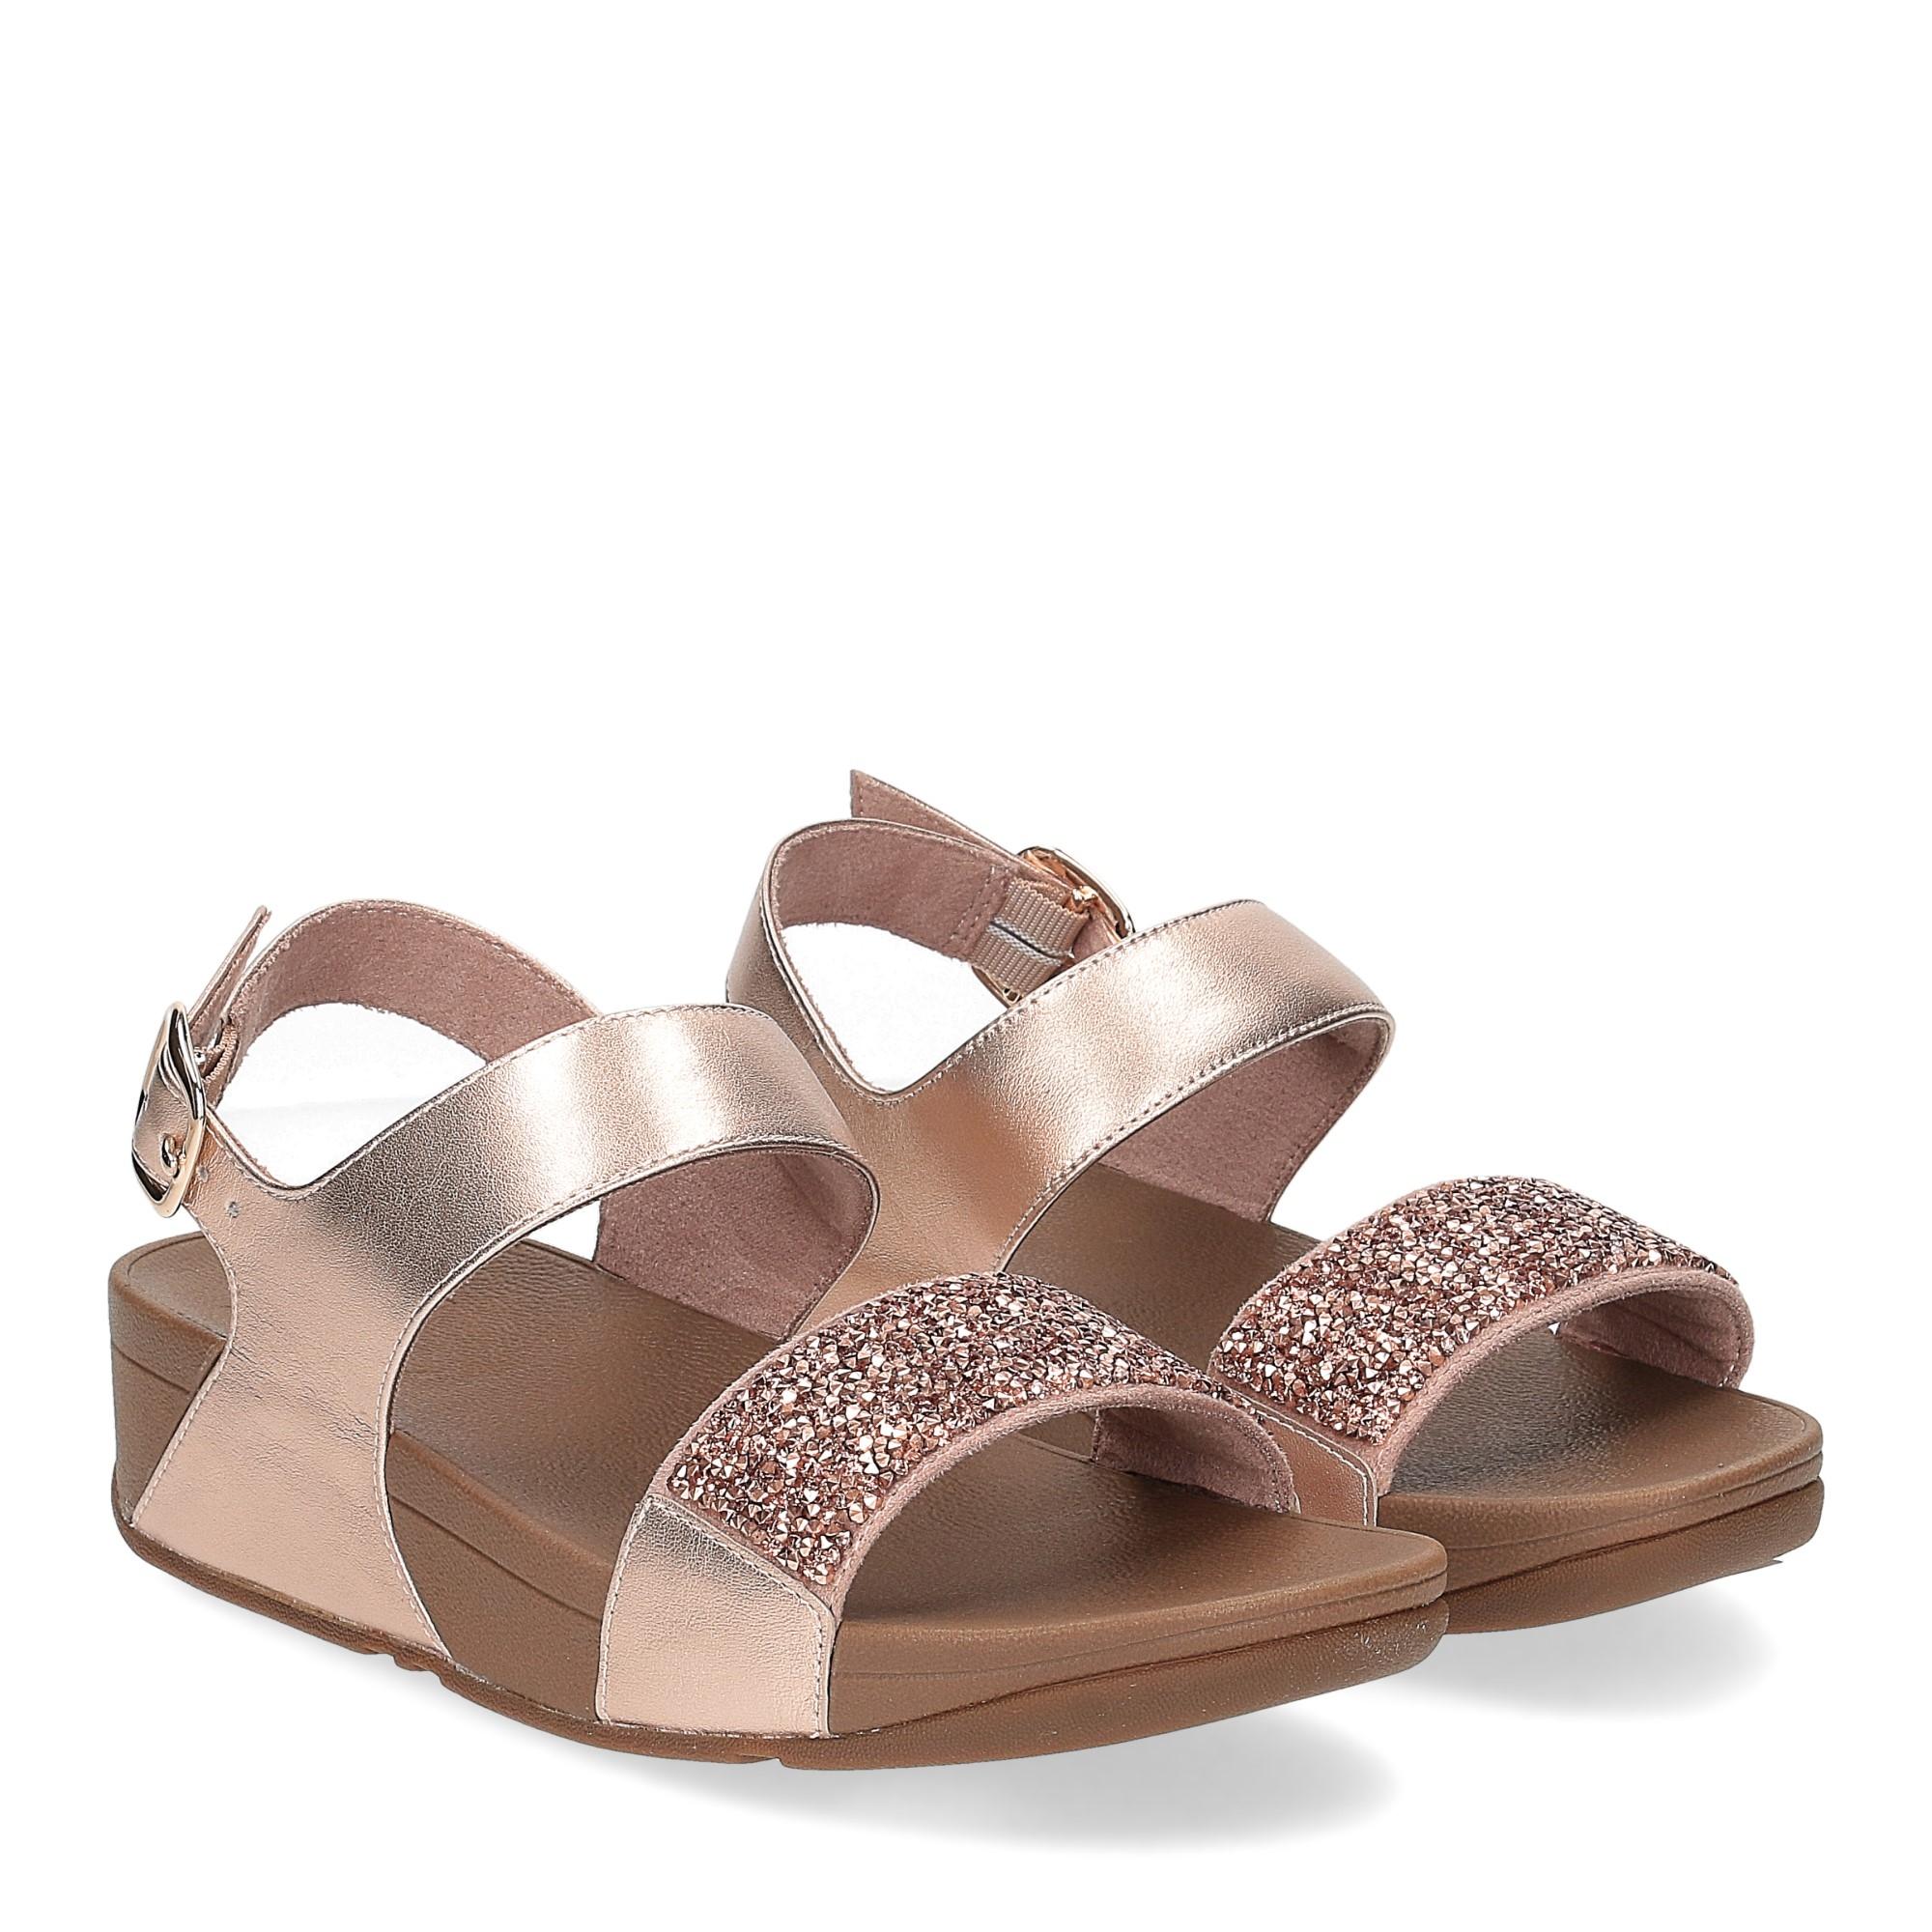 Fitflop Sparklie Crystal Sandal rose gold